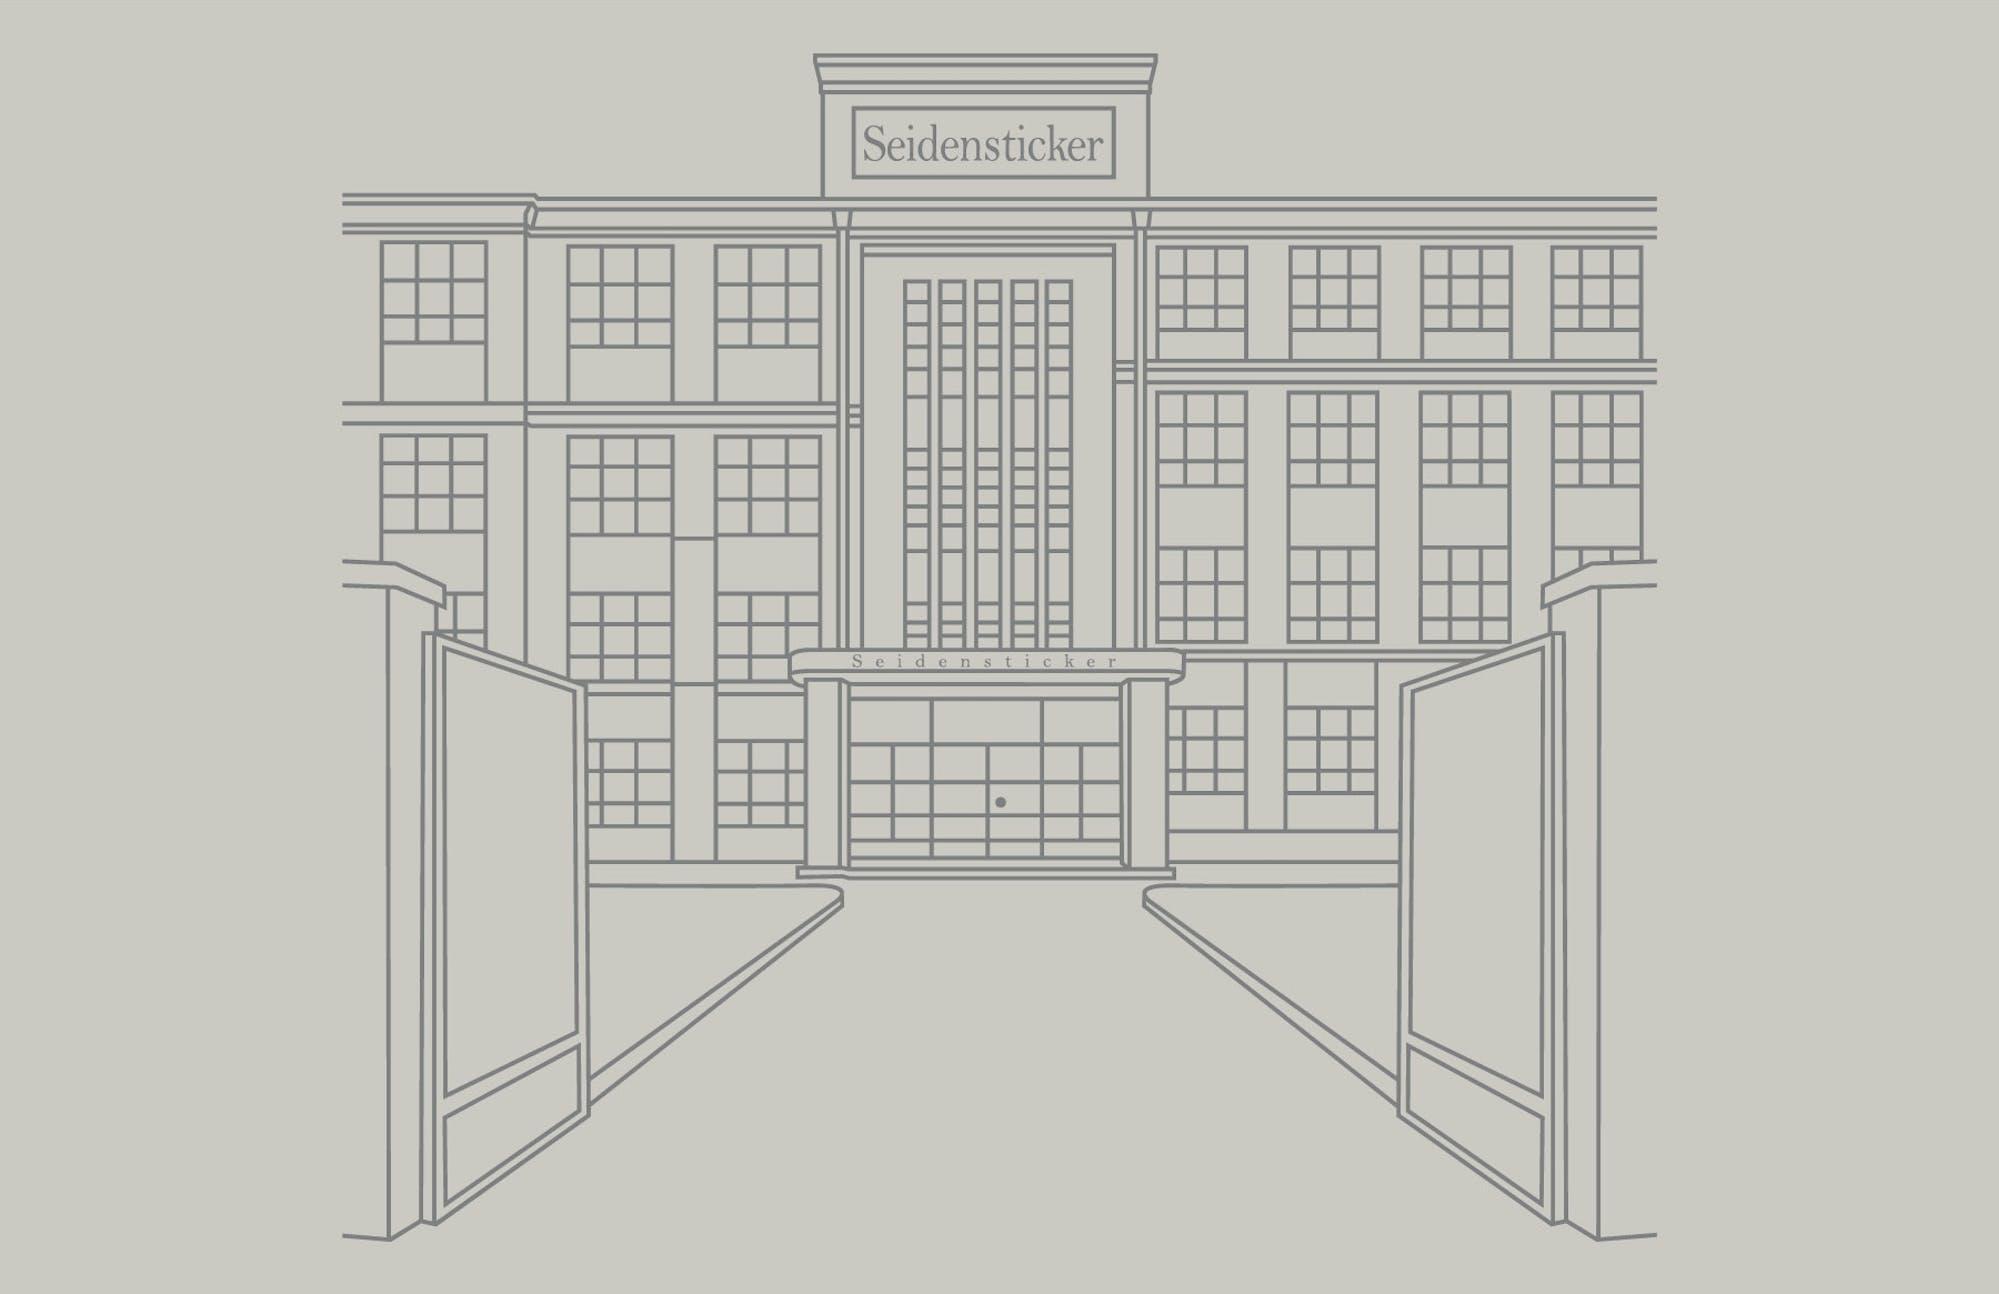 Seidensticker Headquarter